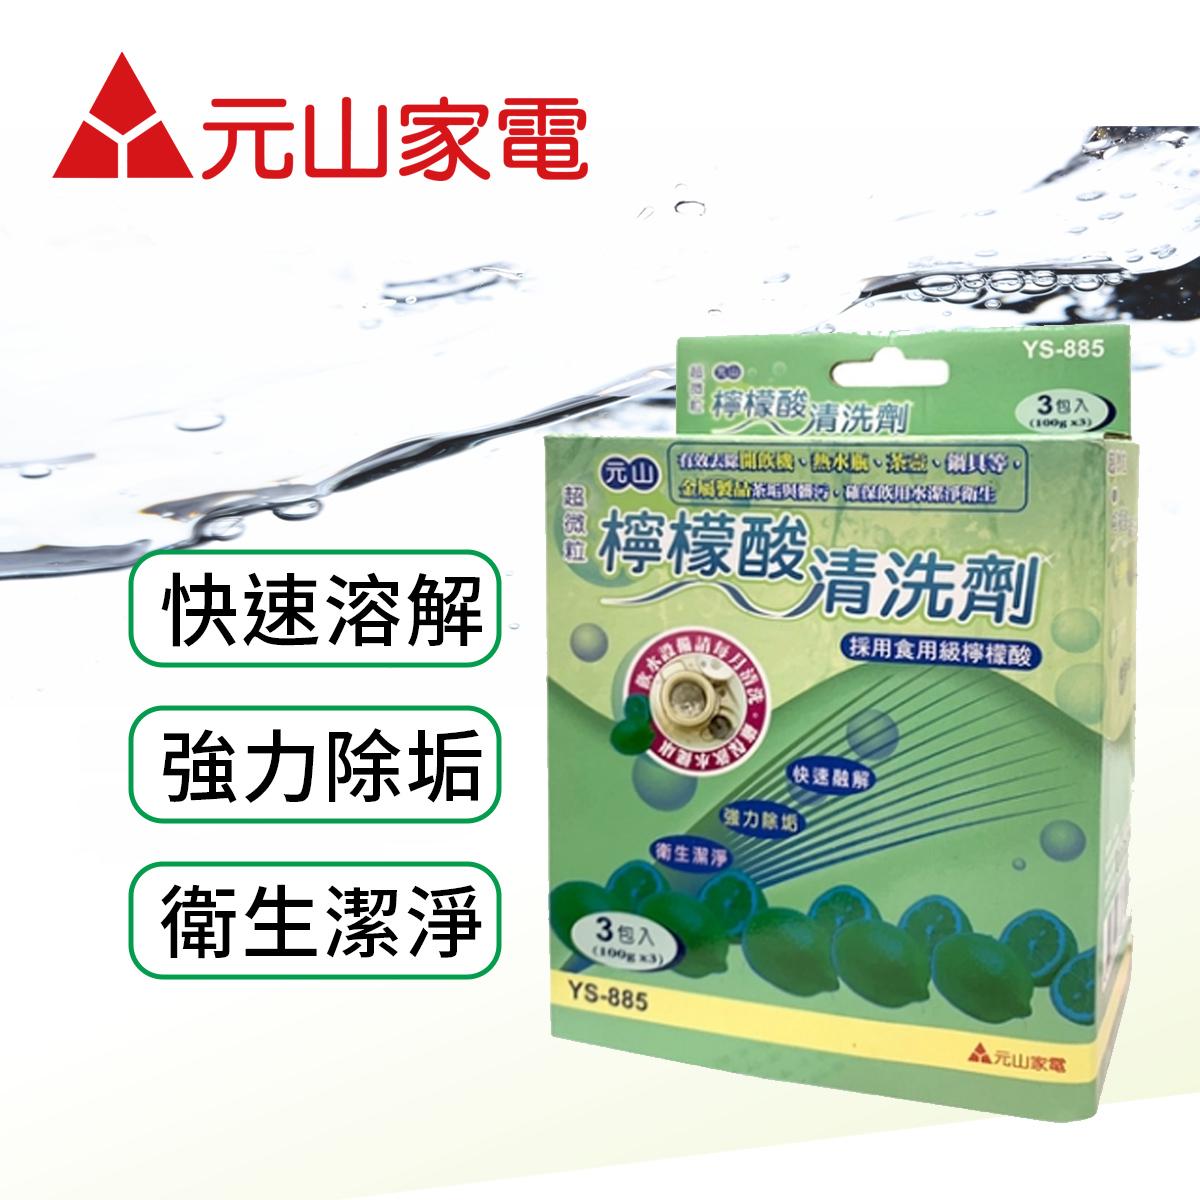 元山超微粒檸檬酸清洗劑 YS-885